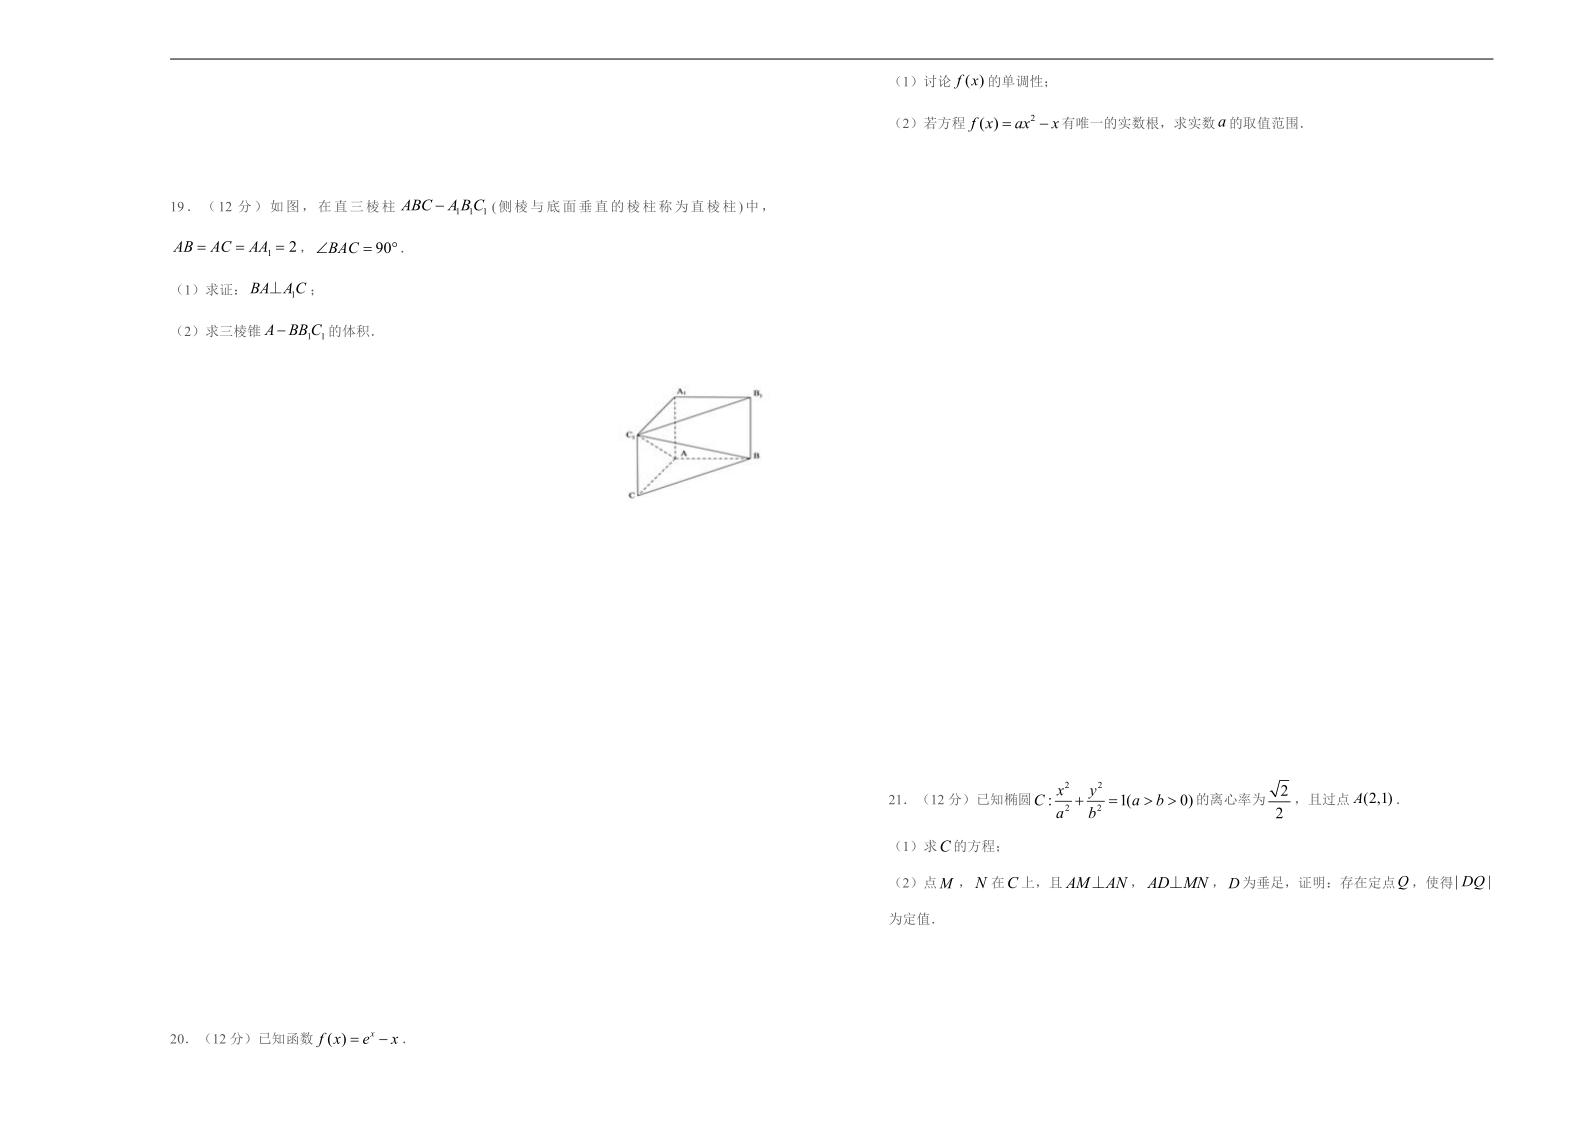 2021届高三入学调研试卷 文科数学(二)(word版含解析)